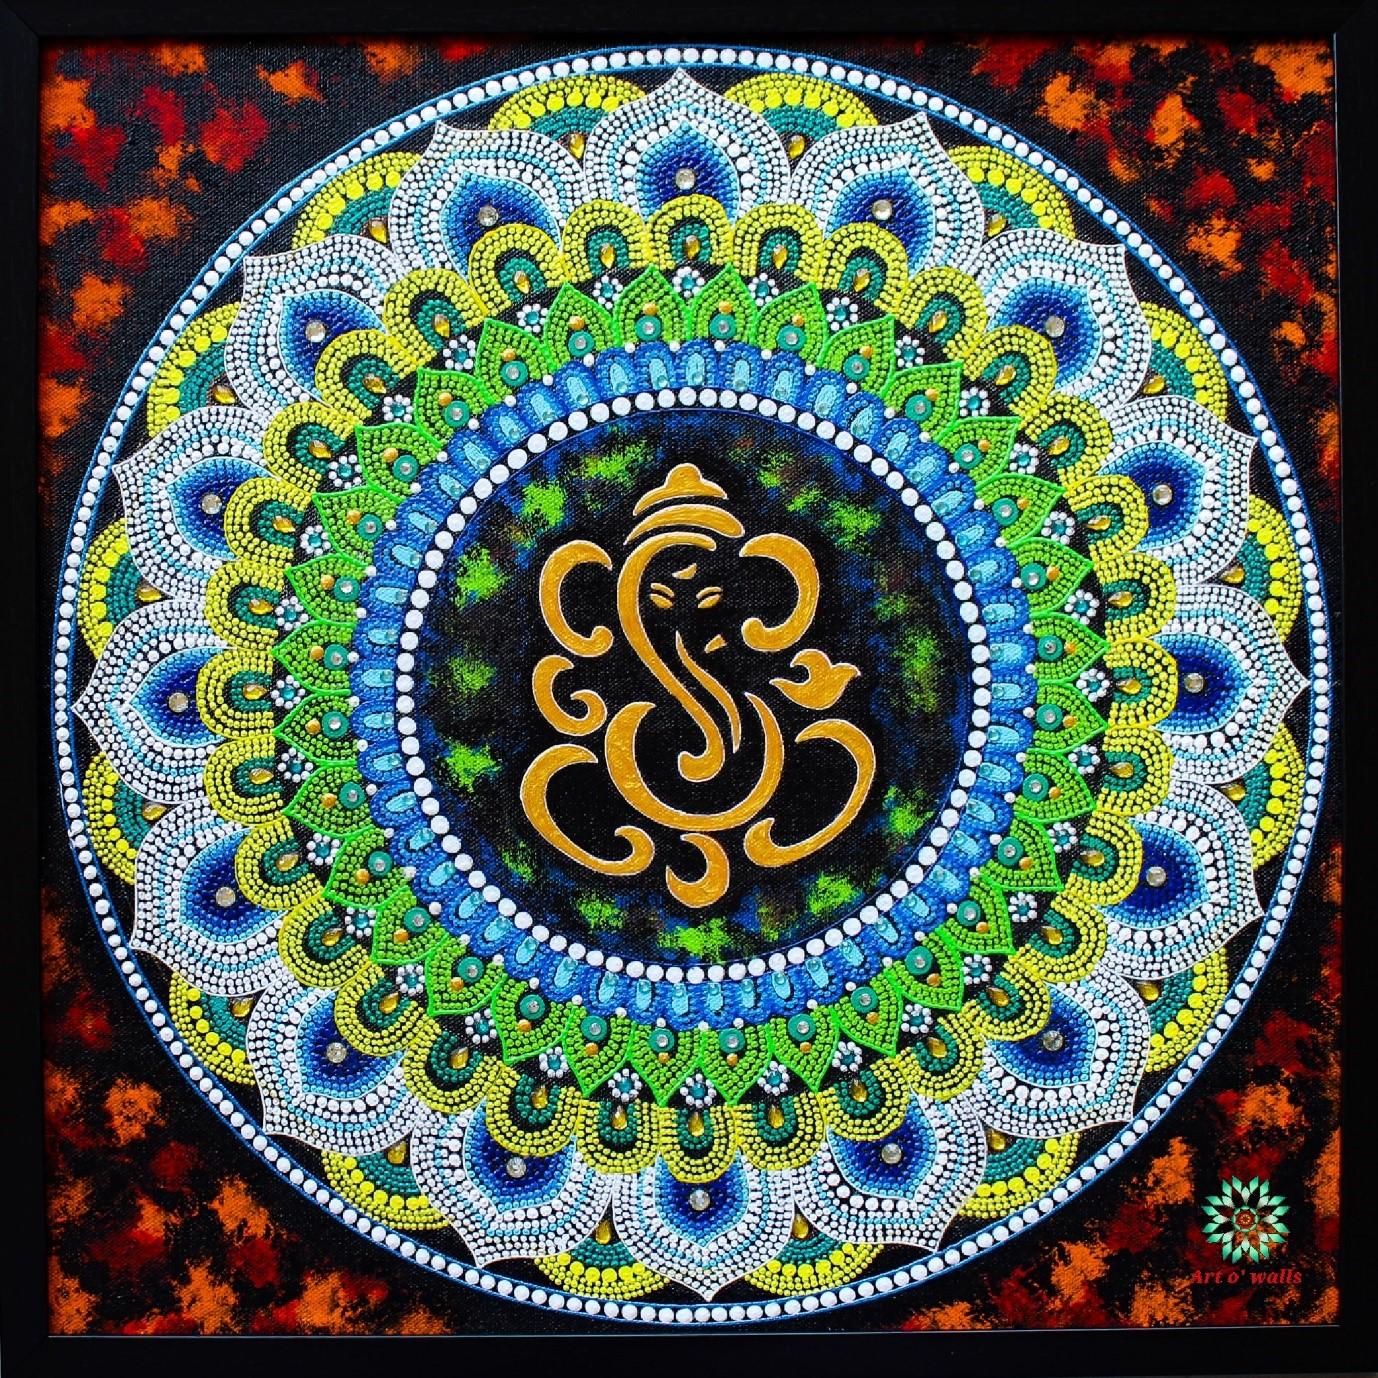 Gnaesha Mandala Painting Artowalls